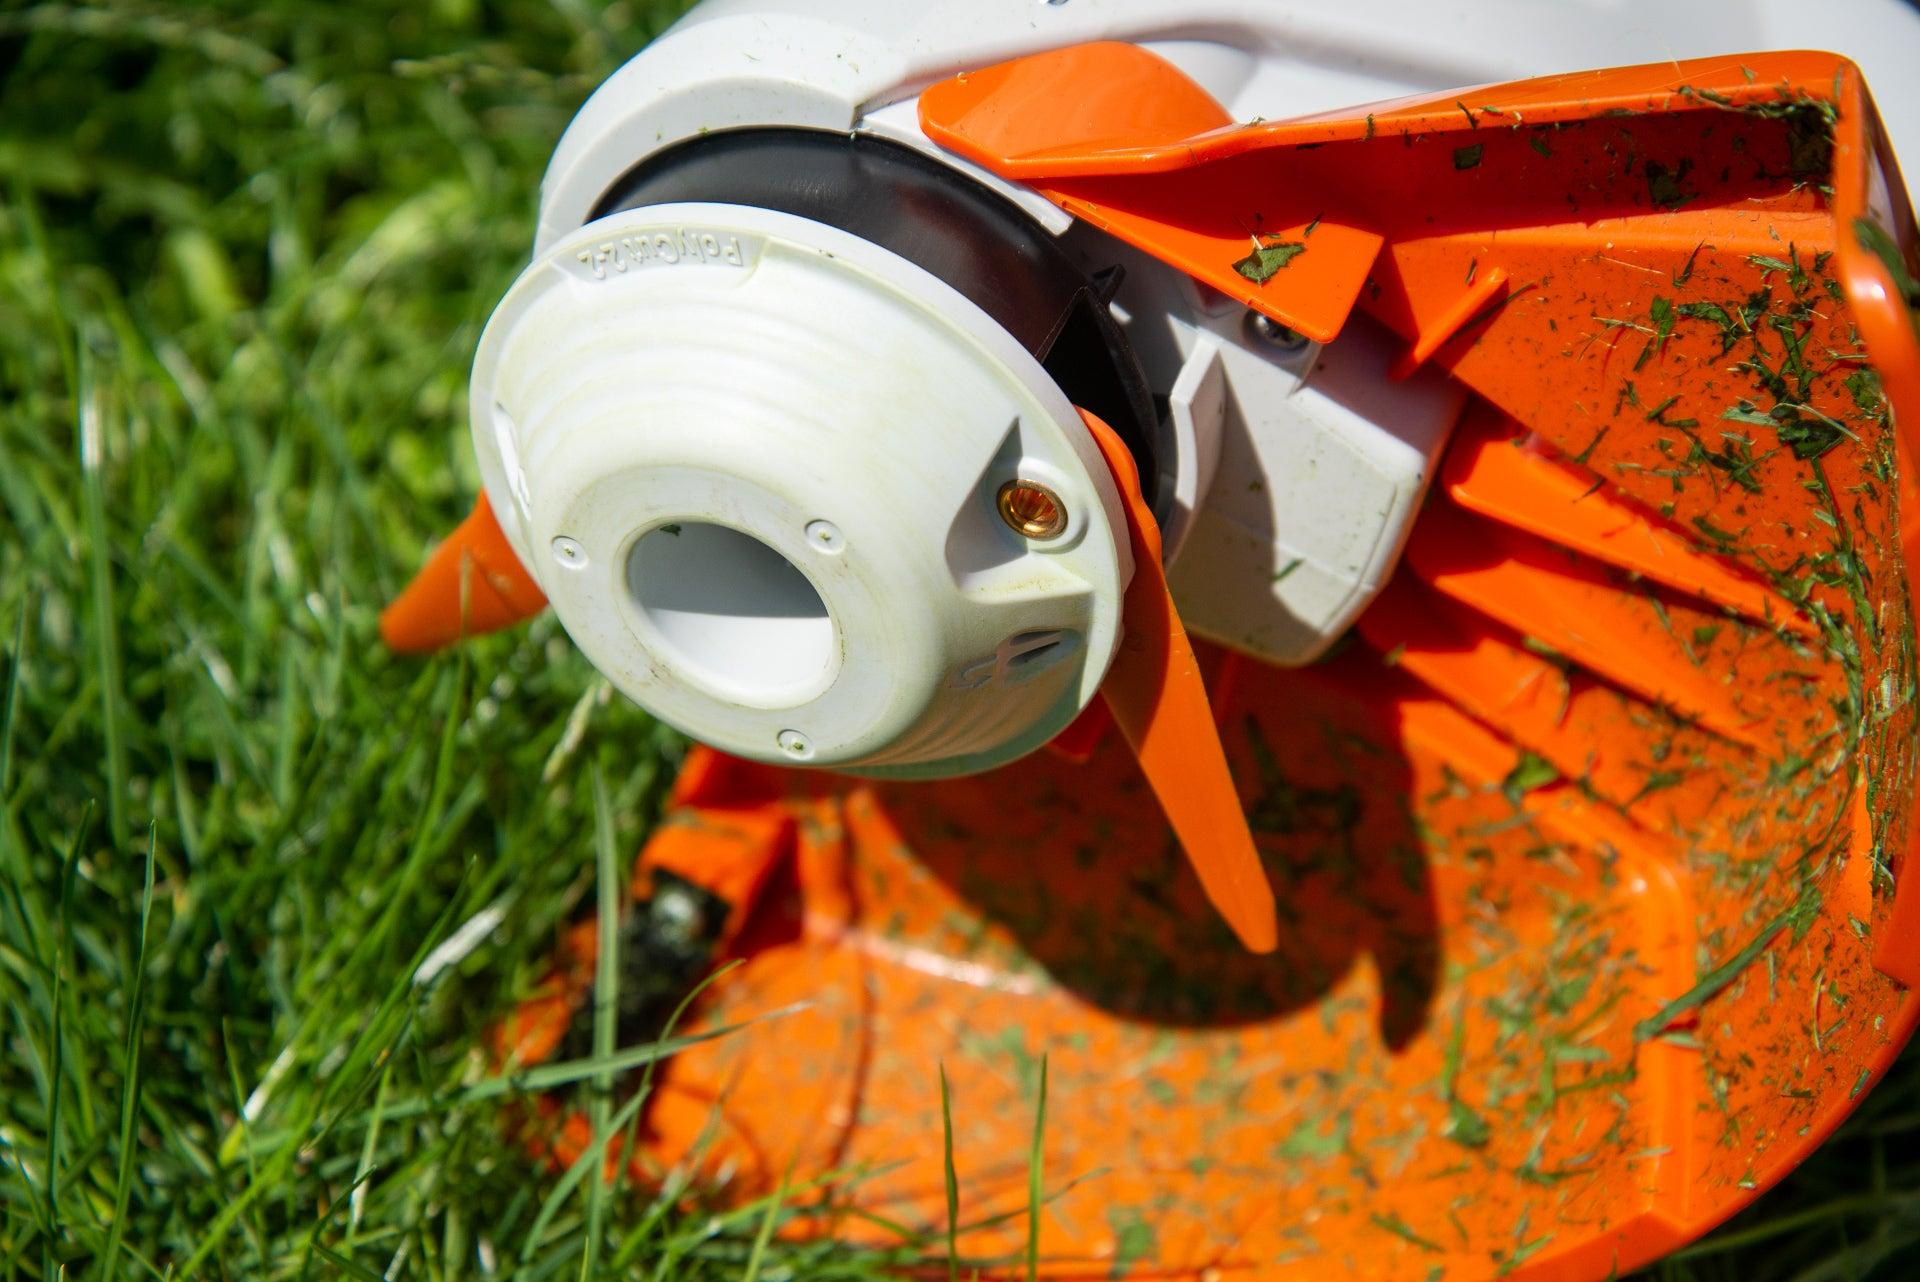 Stihl FSA 45 PolyCut blades